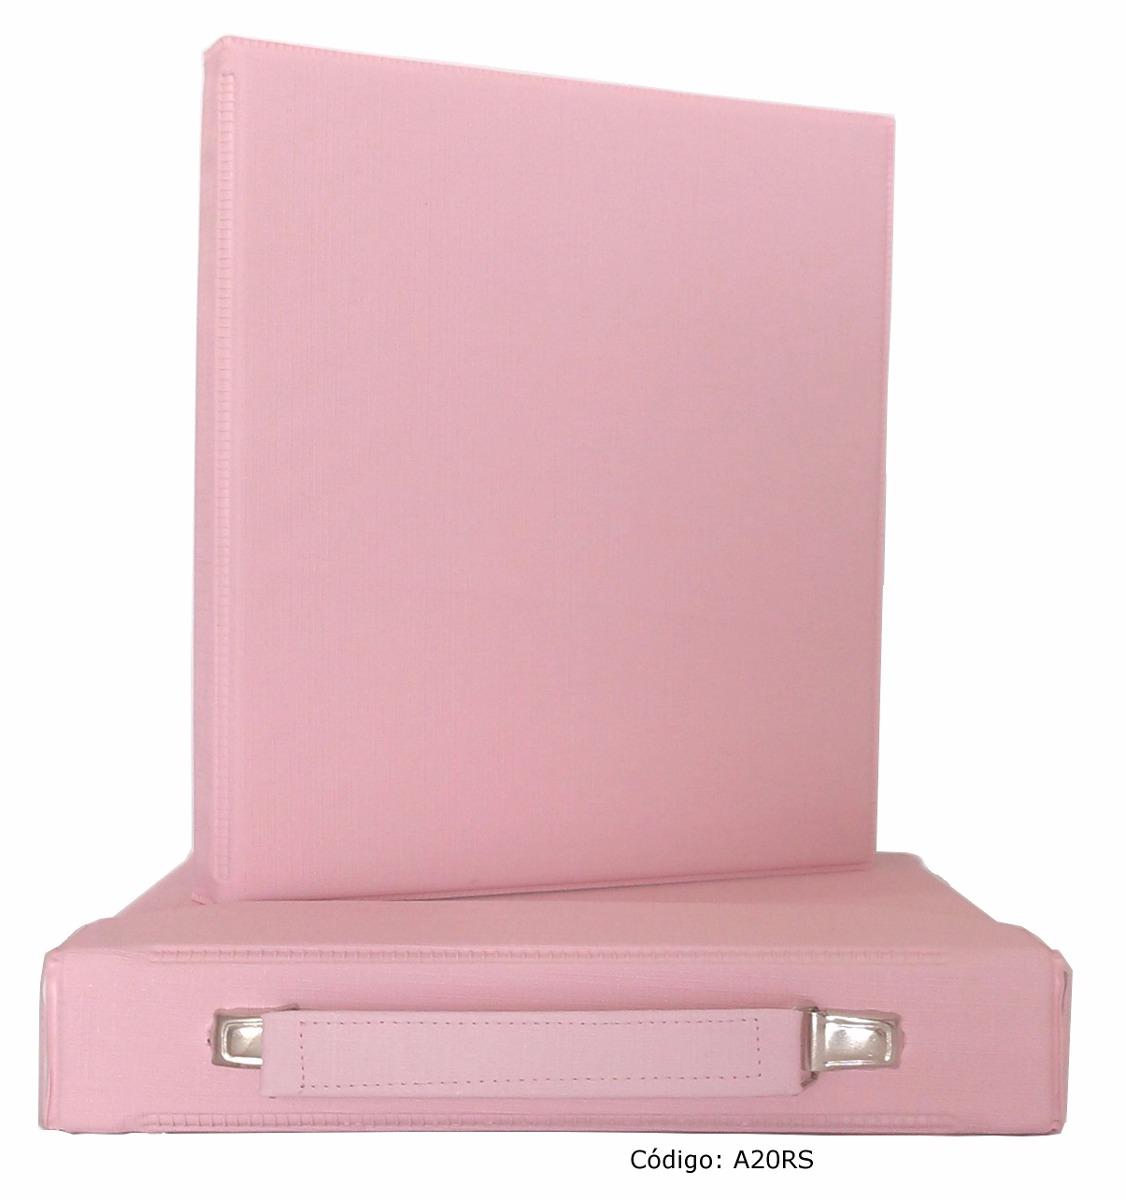 Lbum com maleta fotos 15x21 ou 20x25 rosa frete - Album para guardar fotos ...